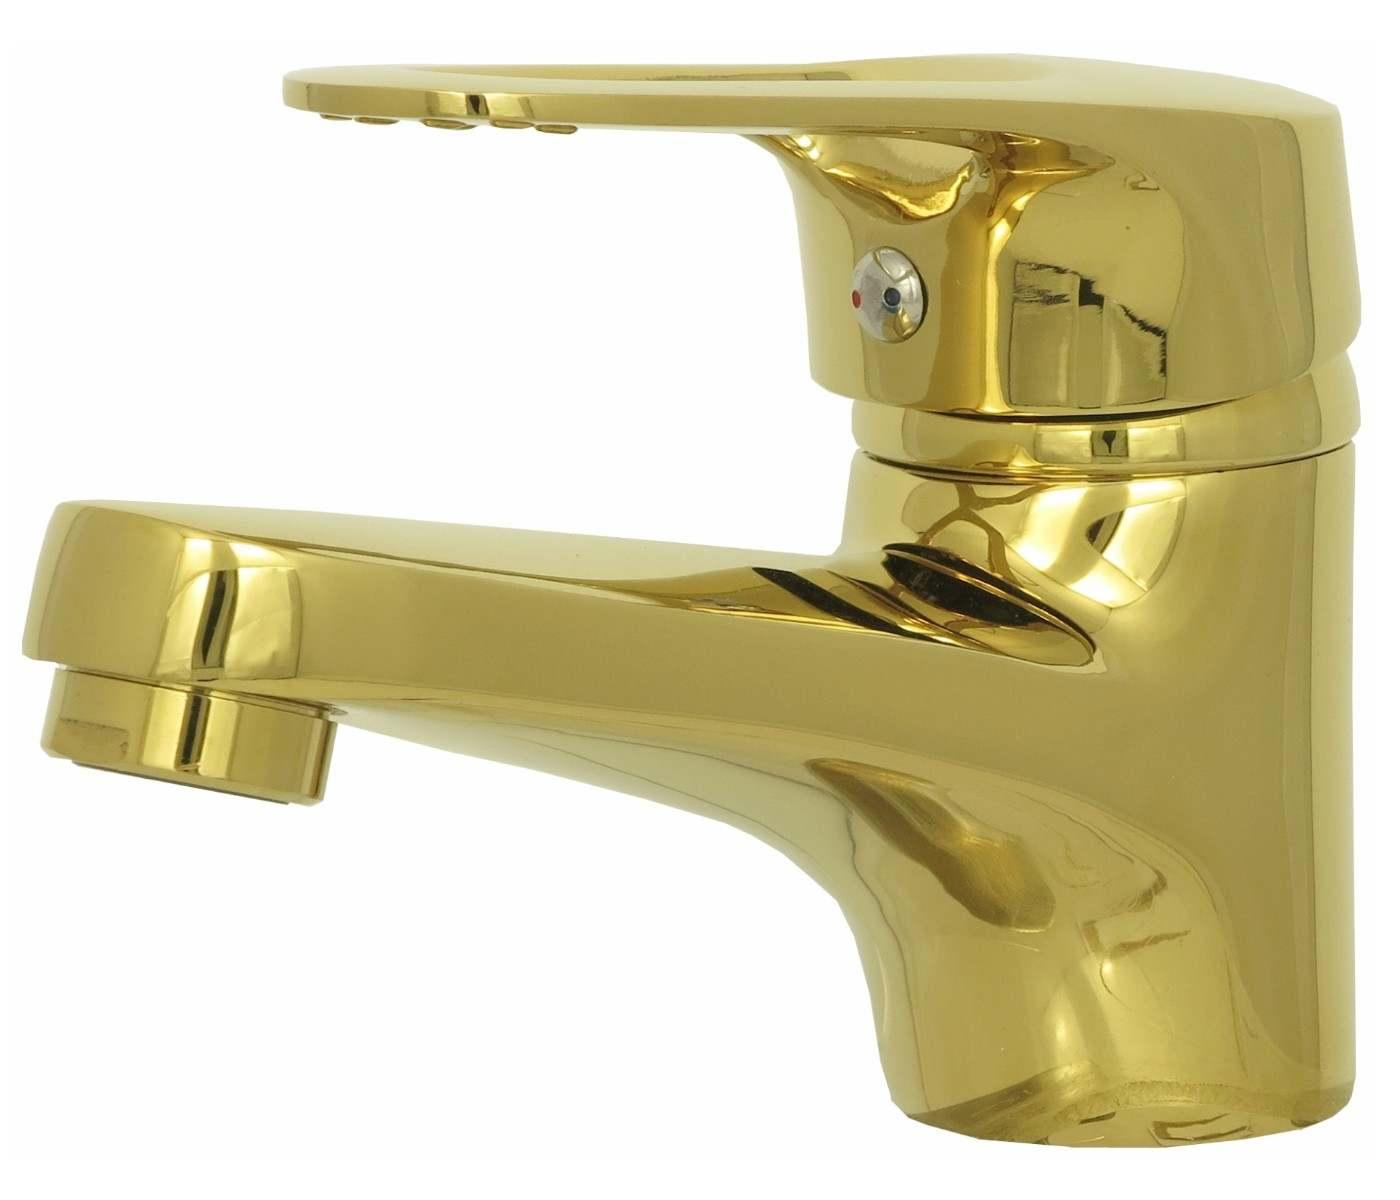 waschtisch waschbecken wasserhahn einhebelmischer bad. Black Bedroom Furniture Sets. Home Design Ideas